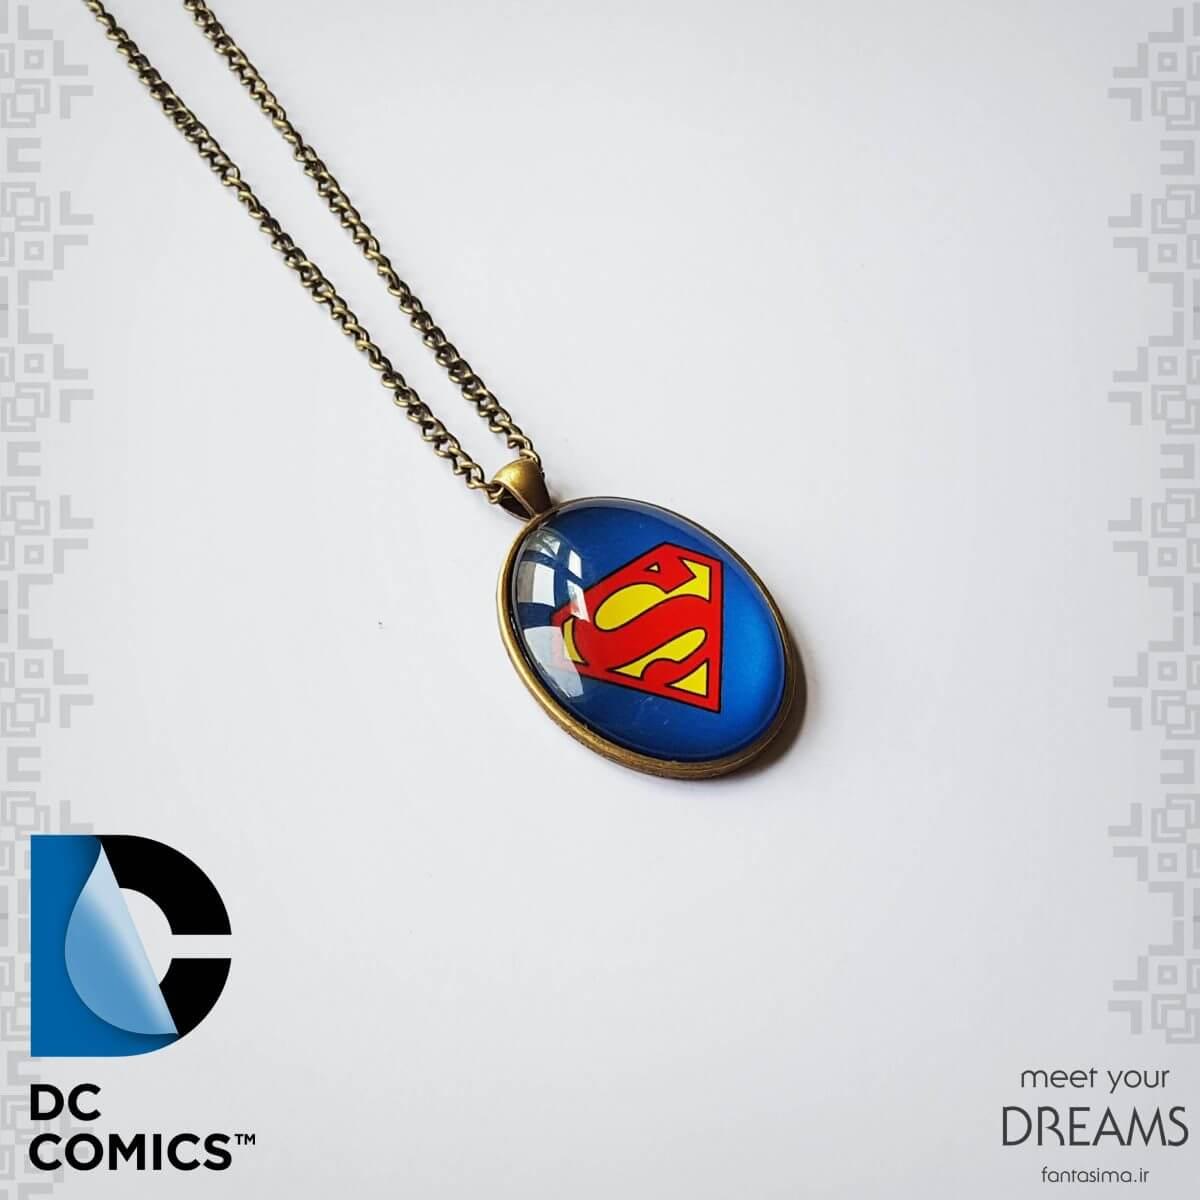 گردنبند رزین سوپرمن